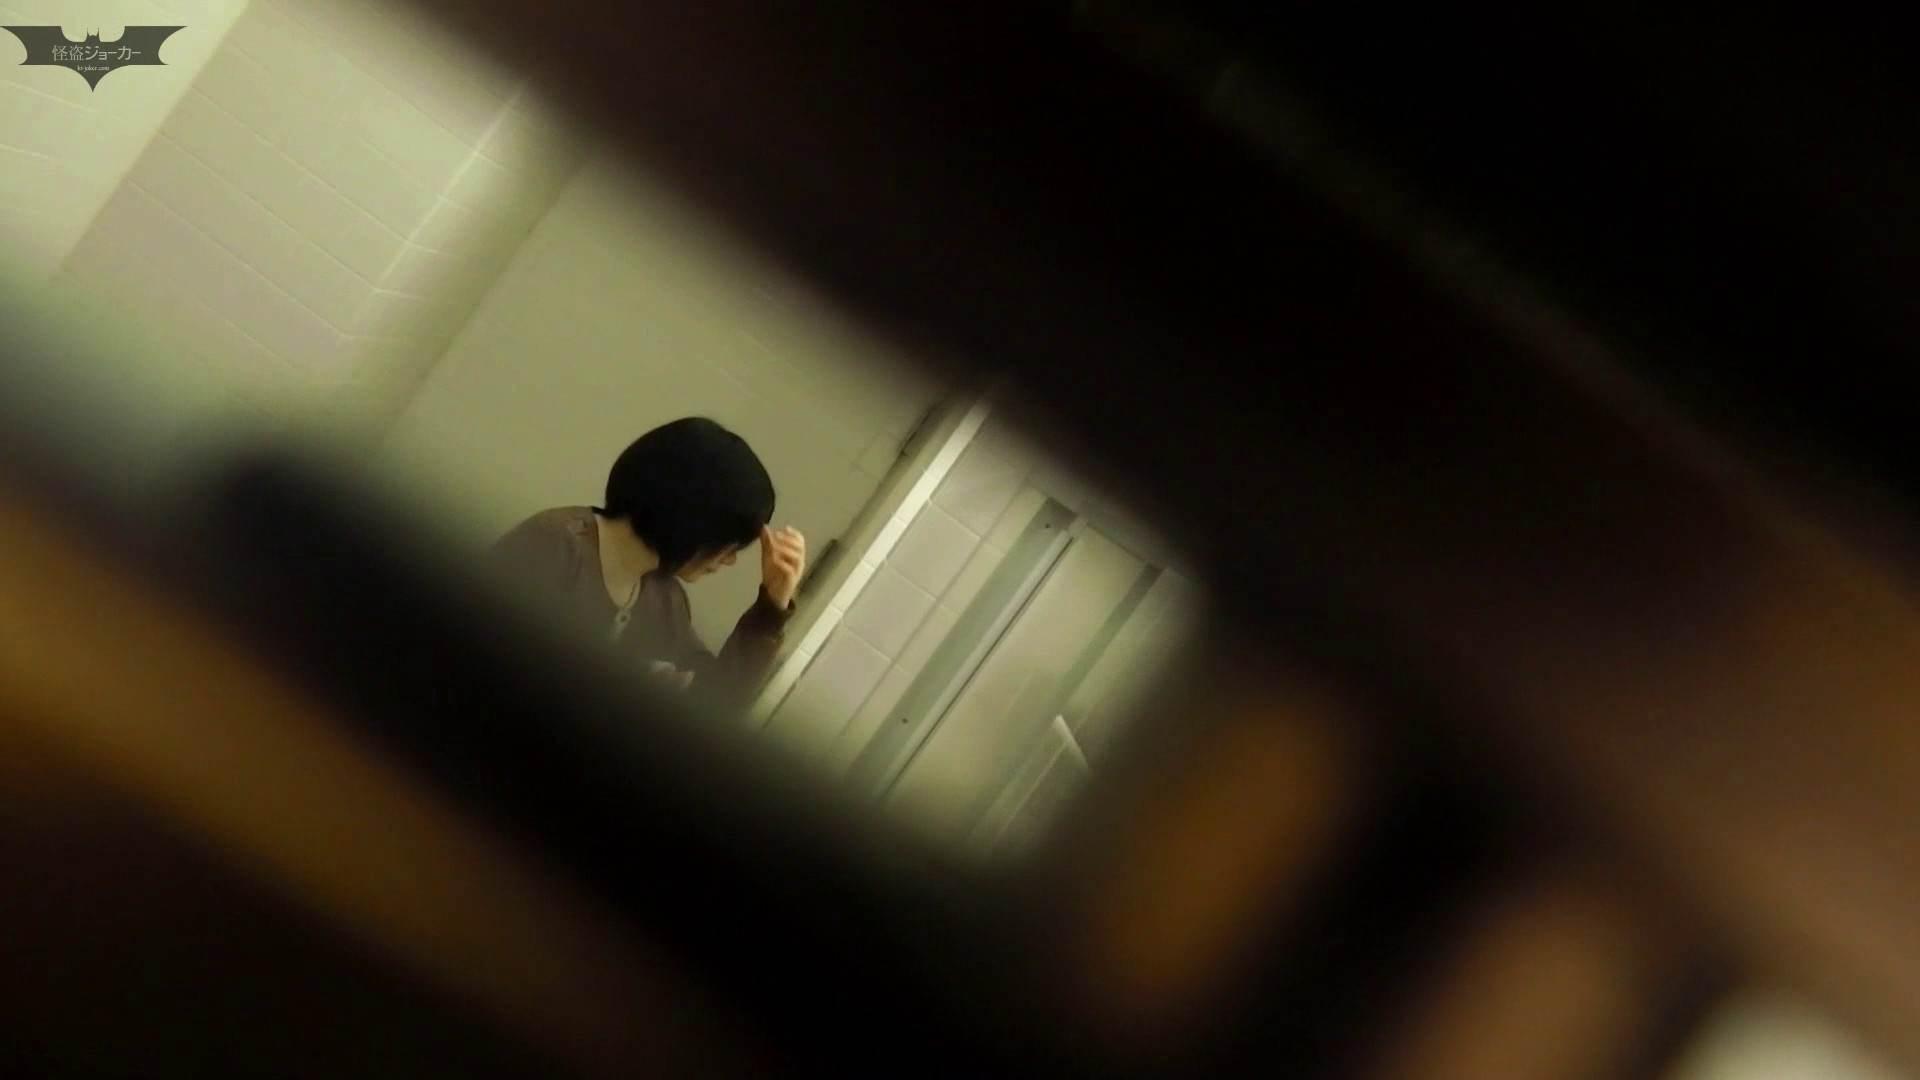 お銀さん vol.59 ピンチ!!「鏡の前で祈る女性」にばれる危機 高画質 ワレメ動画紹介 56画像 13